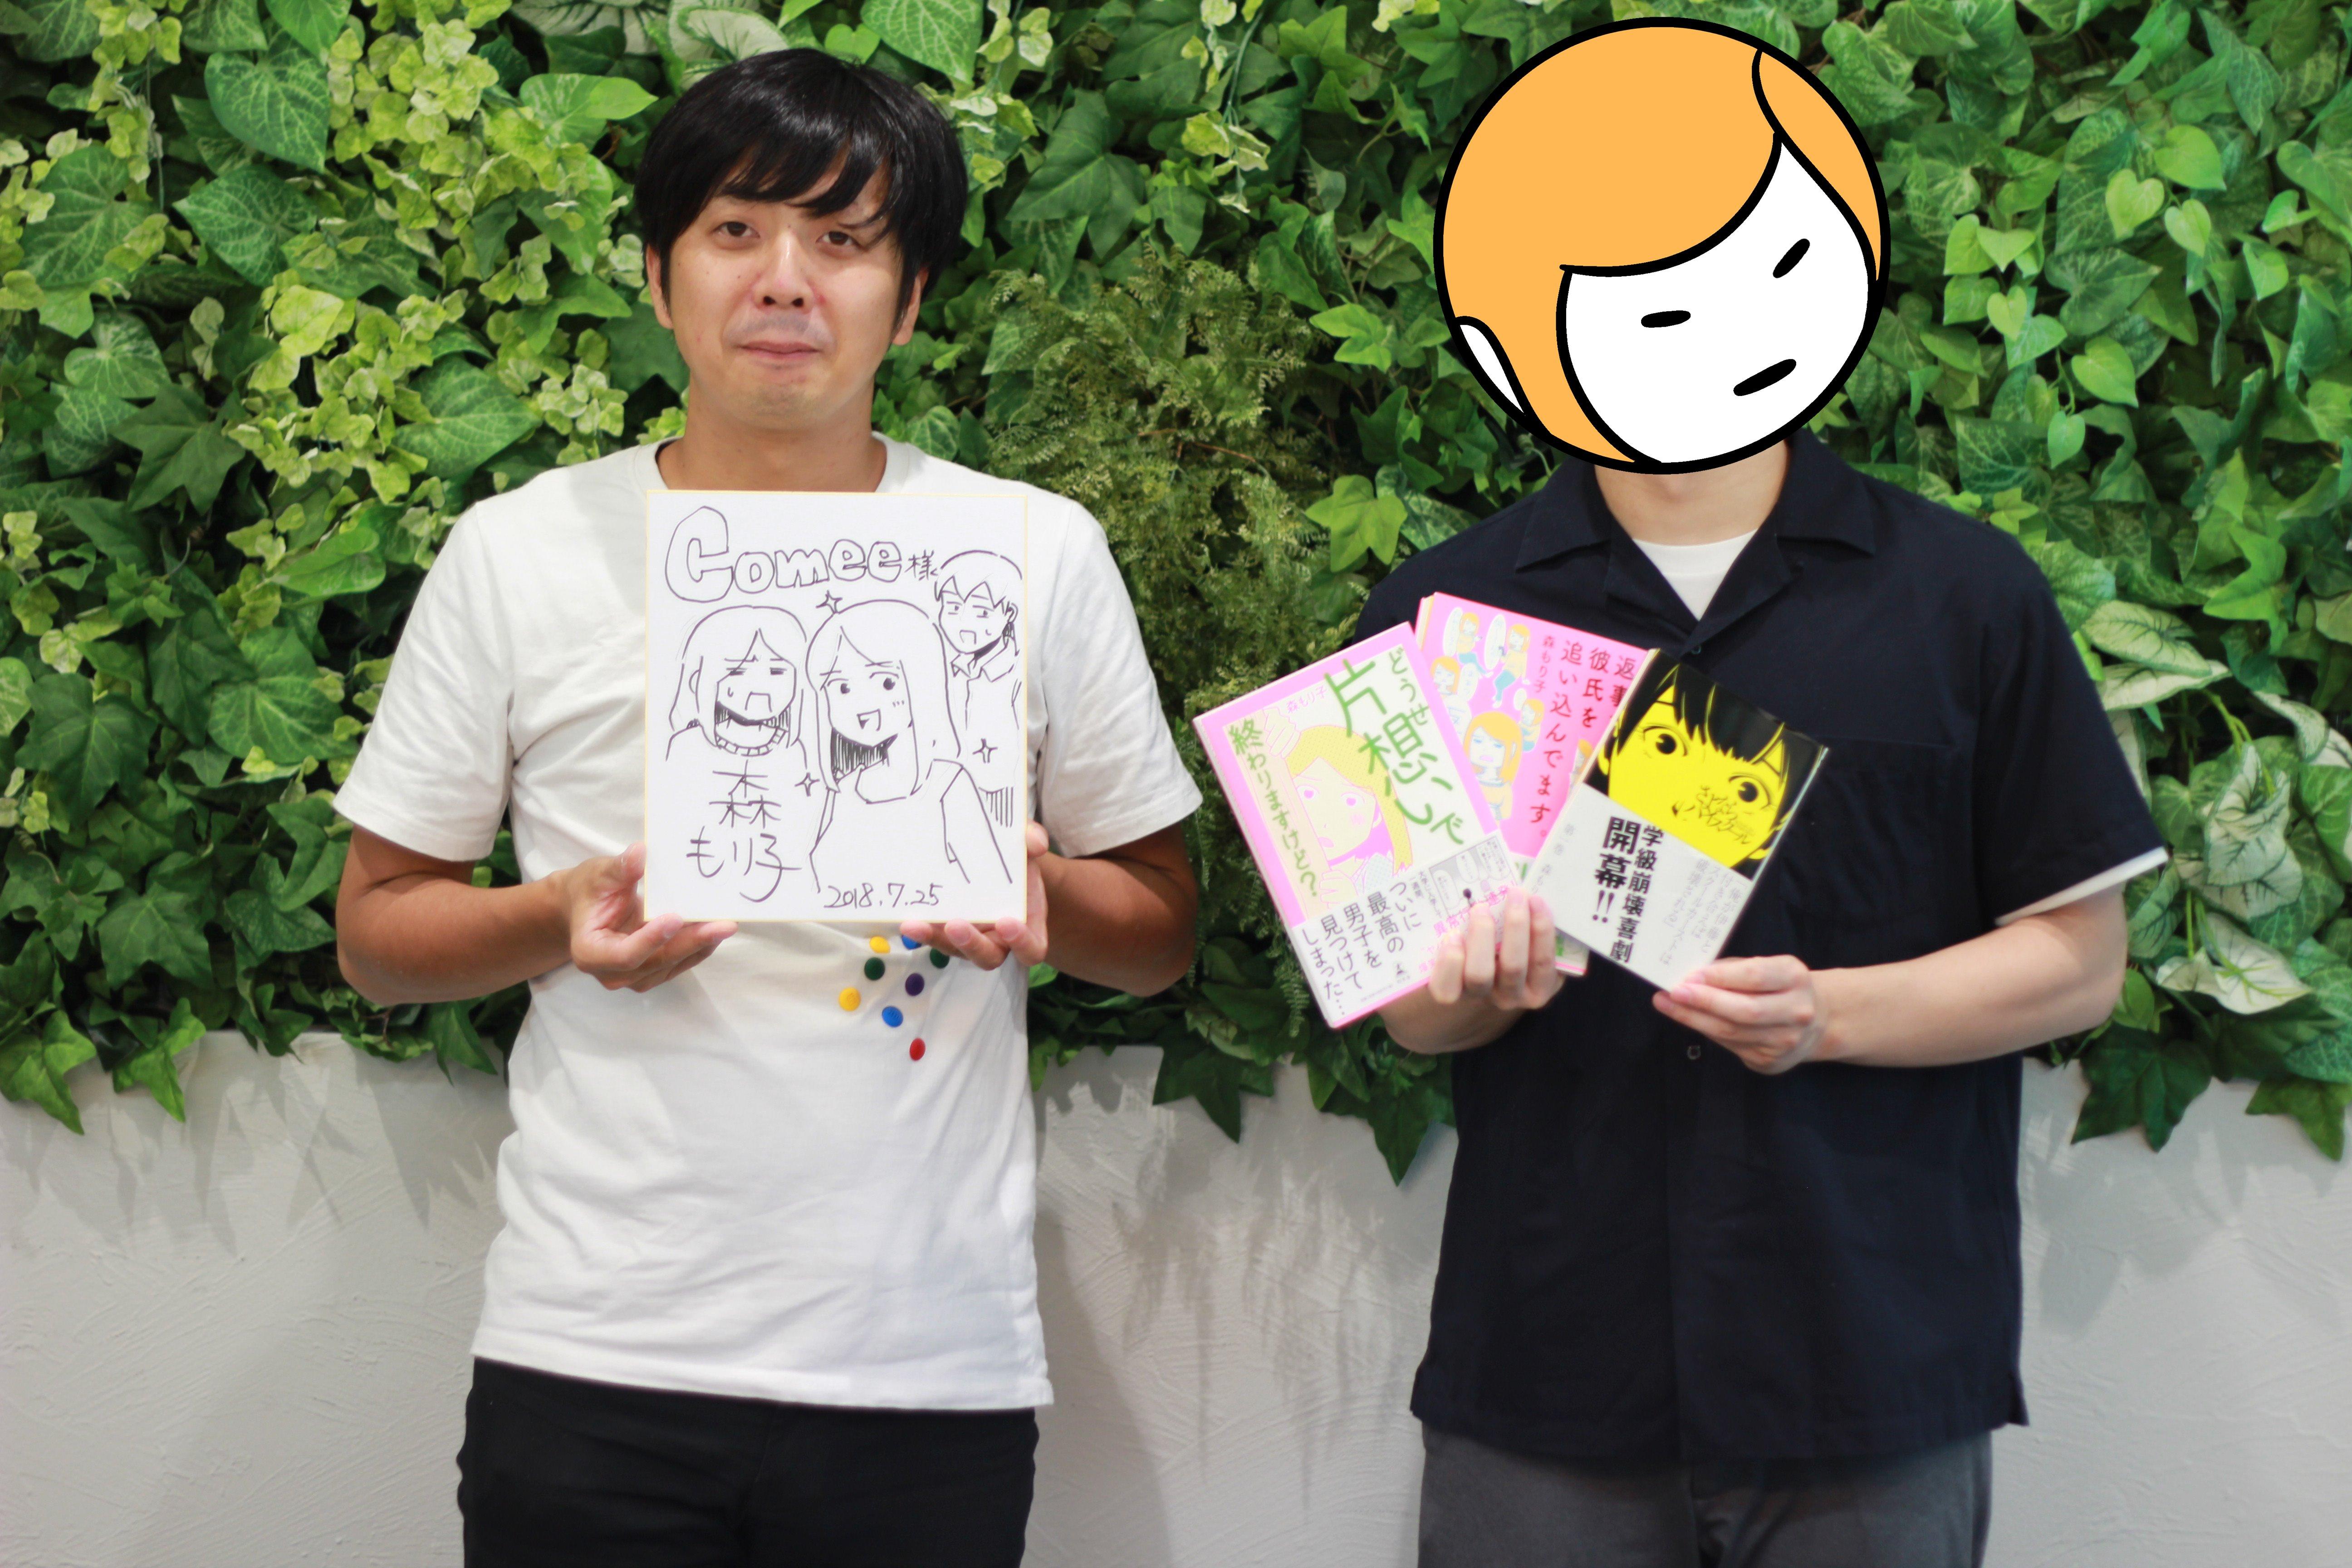 【インタビュー】読者から共感の嵐!大人気web漫画家・森もり子先生の素顔に迫る!